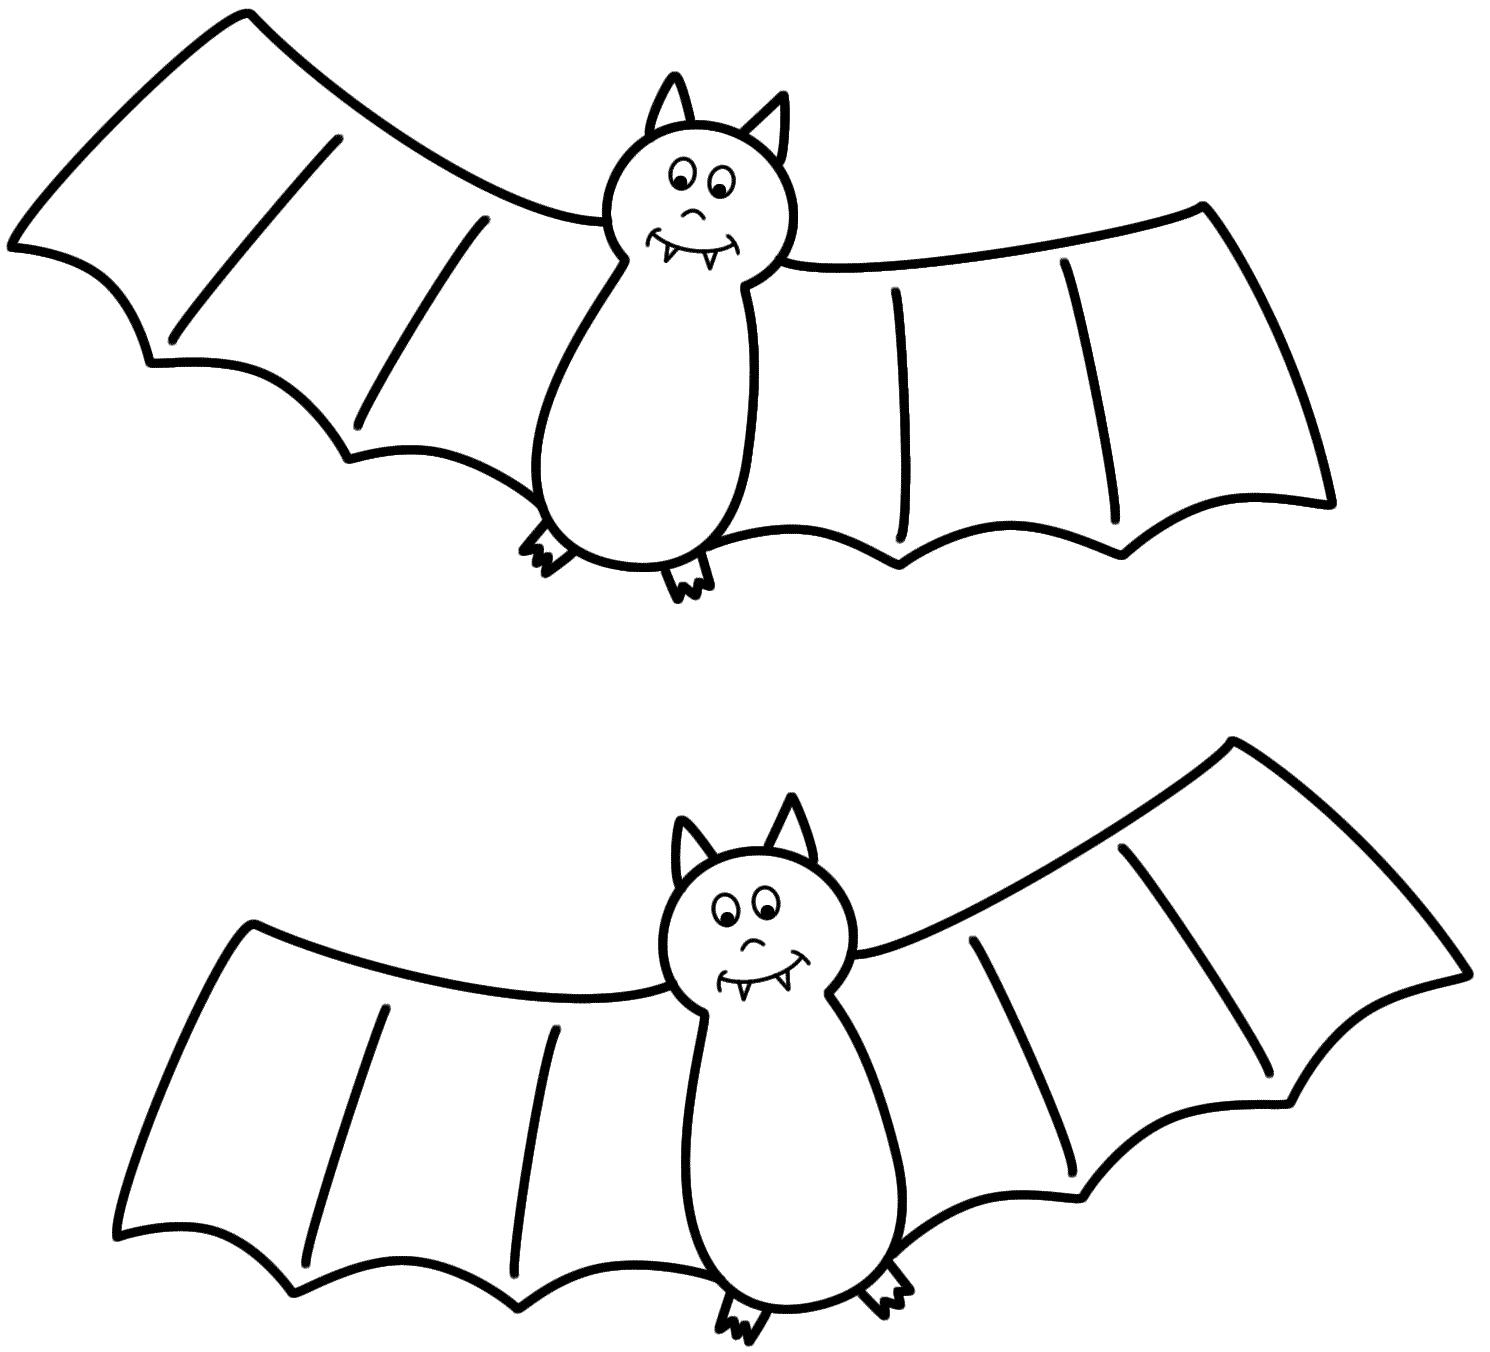 Bat coloring #12, Download drawings